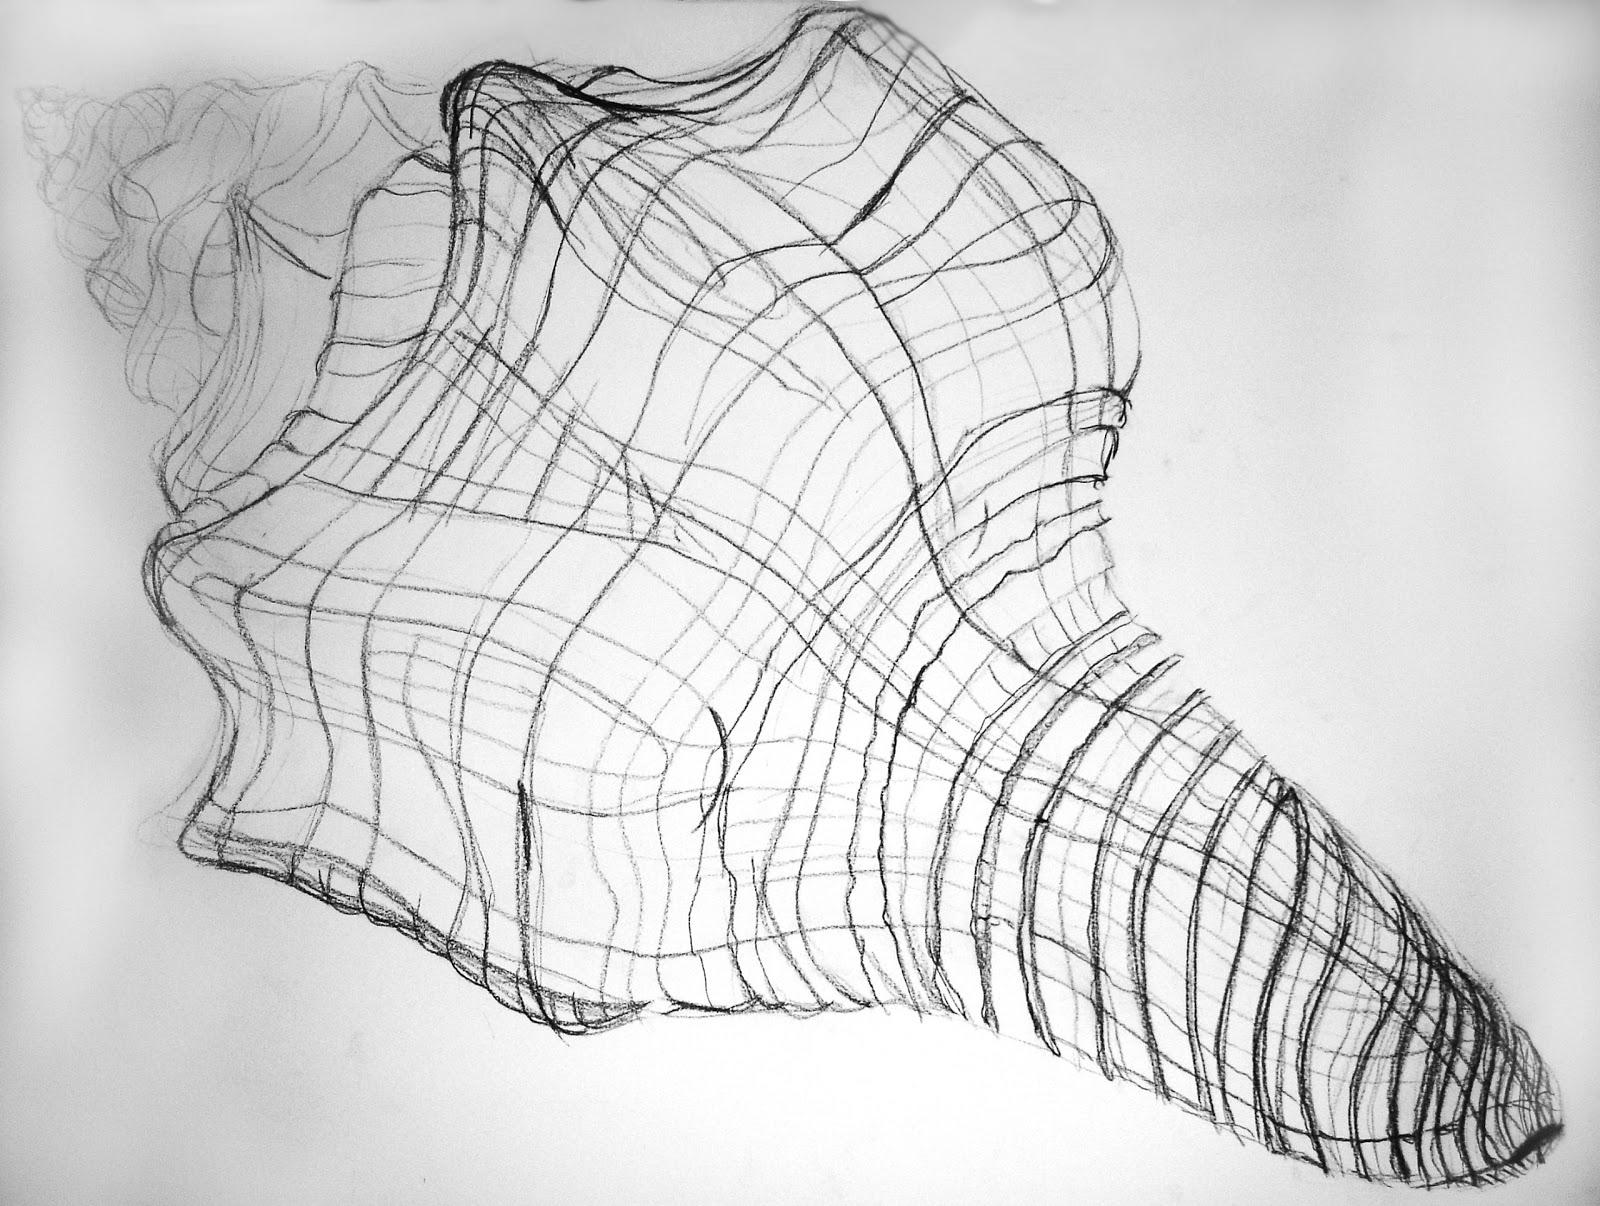 Contour Line Drawing Shell : Beau hestekin shell drawing in class